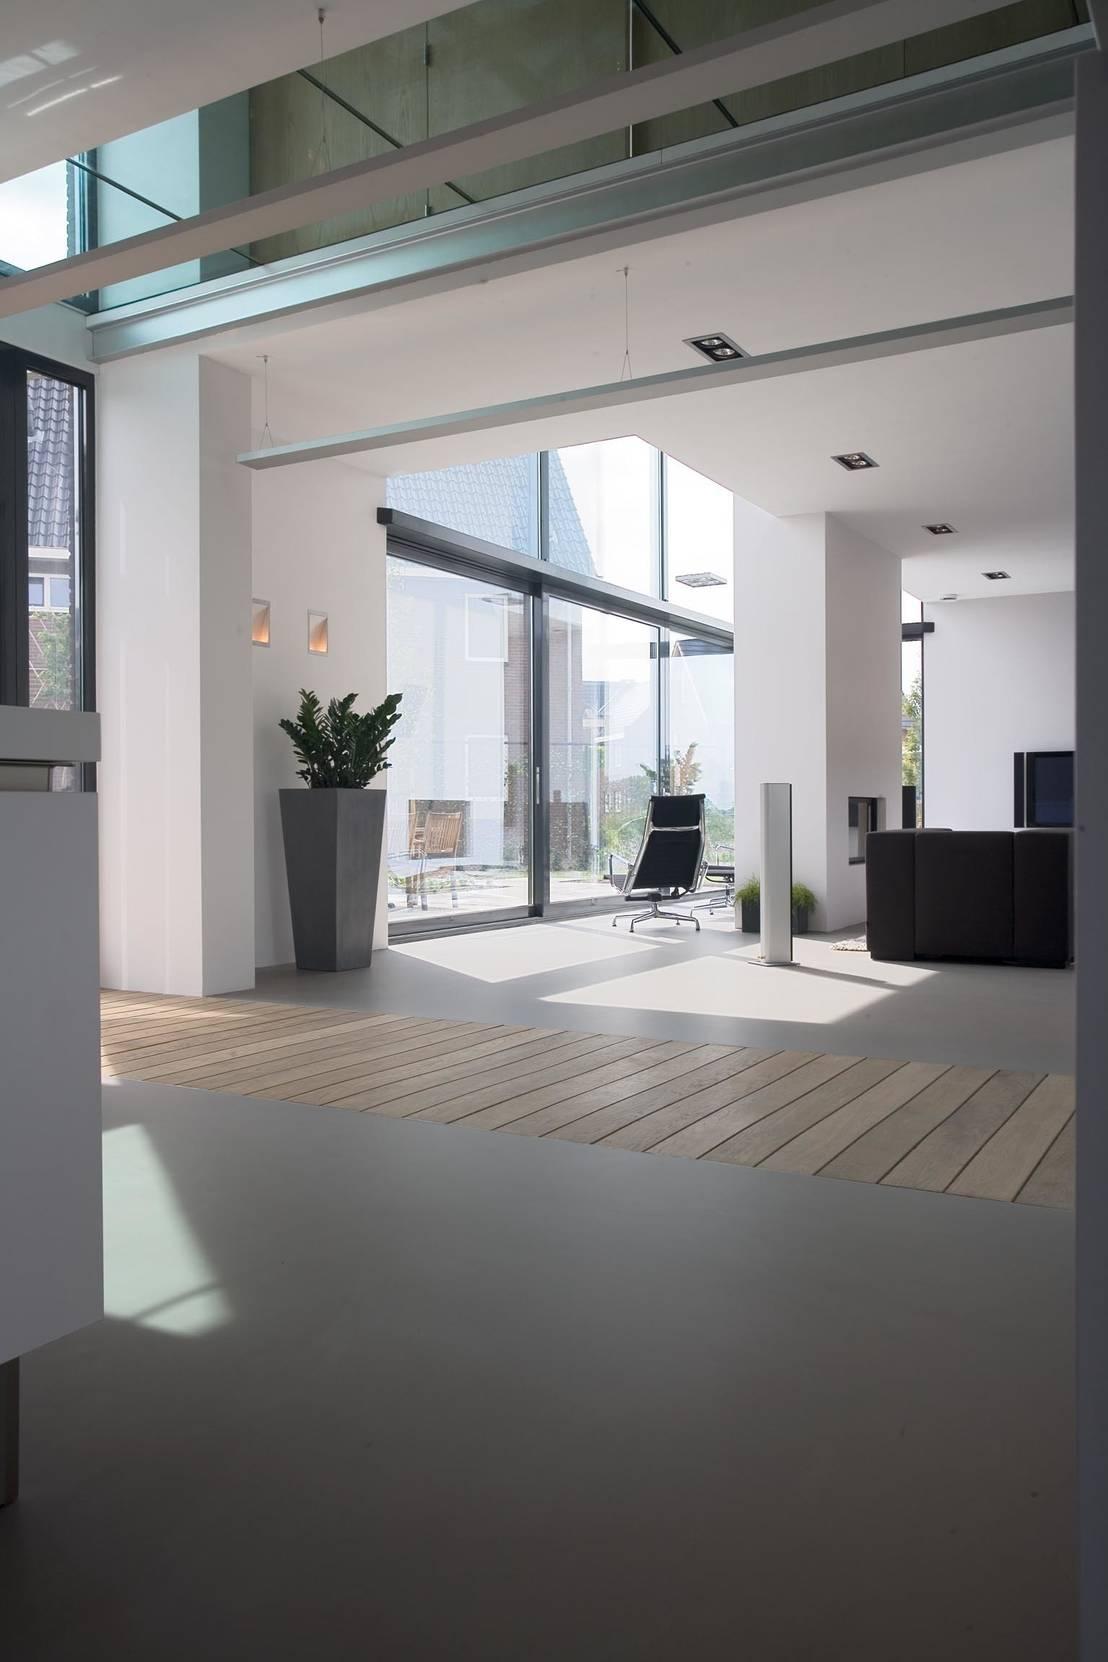 Nieuwbouwontwerp exterieur interieur door bart van wijk for Exterieur interieur